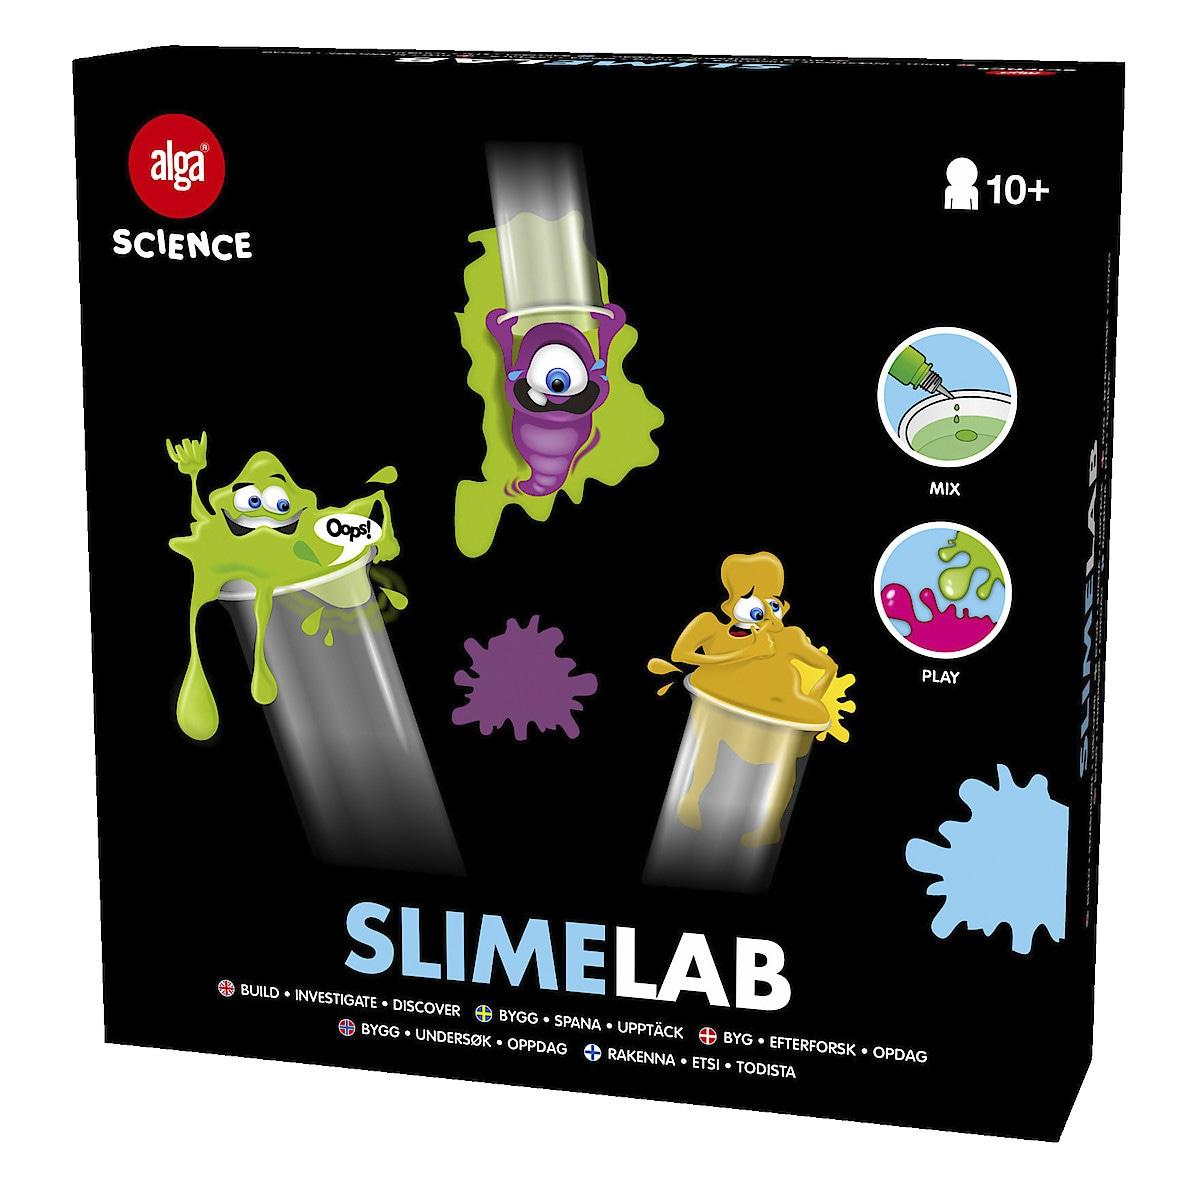 Slime Lab Alga Science